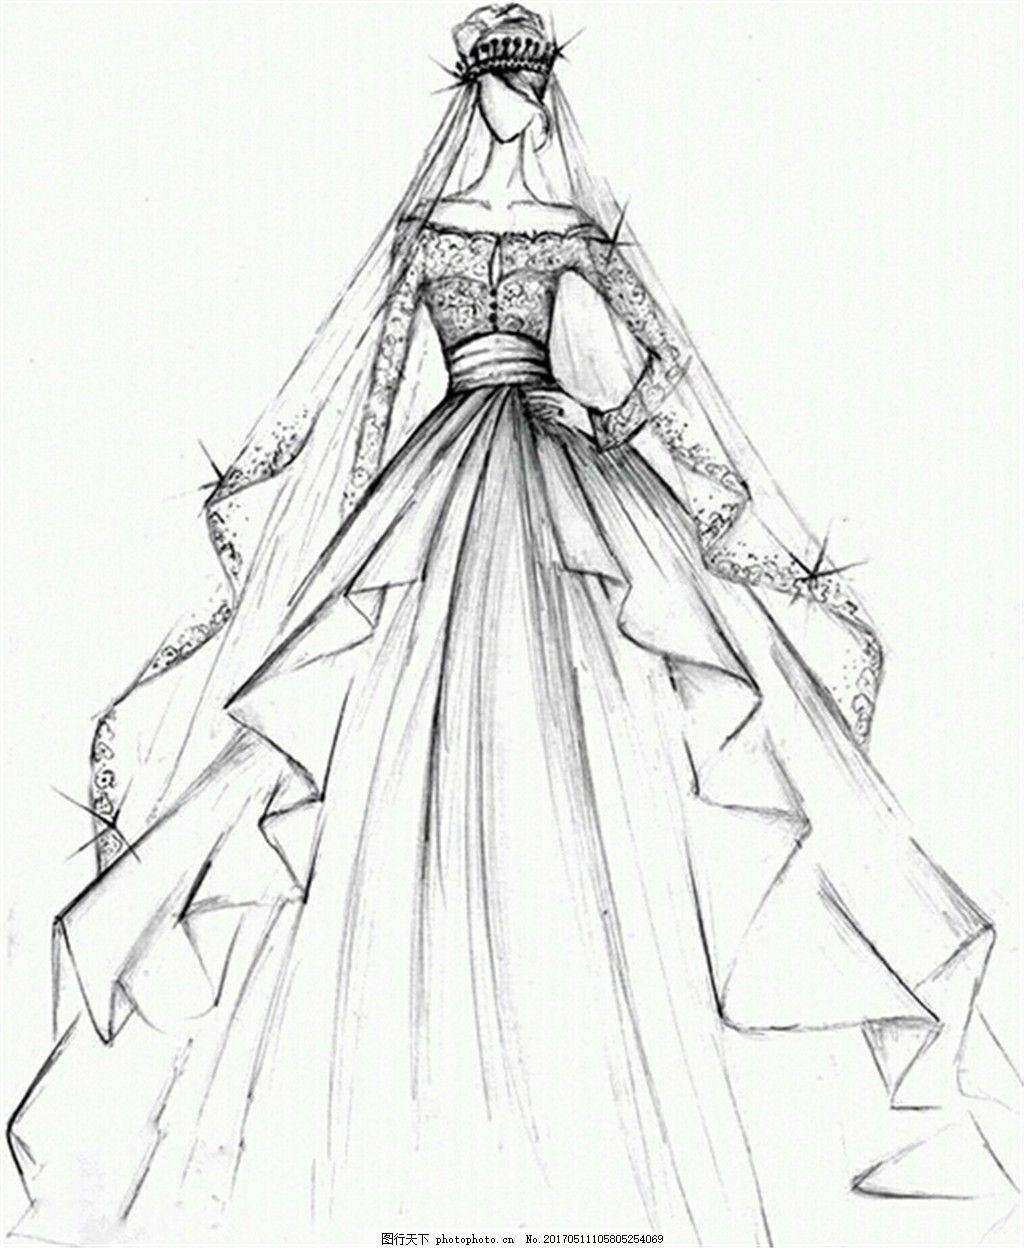 时尚婚纱设计图 时尚女装 职业女装 女装设计效果图 短裙 服装图片